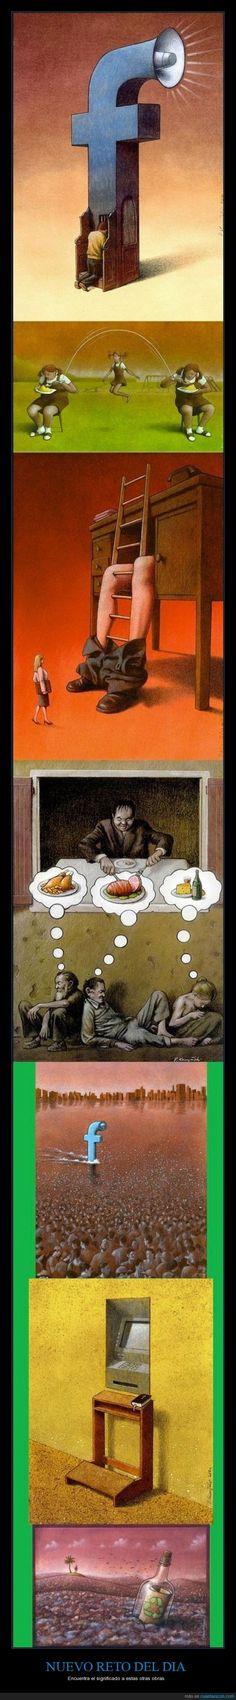 Pawel Kuczynski siempre haciéndonos reflexionar - Encuentra el significado a estas otras obras